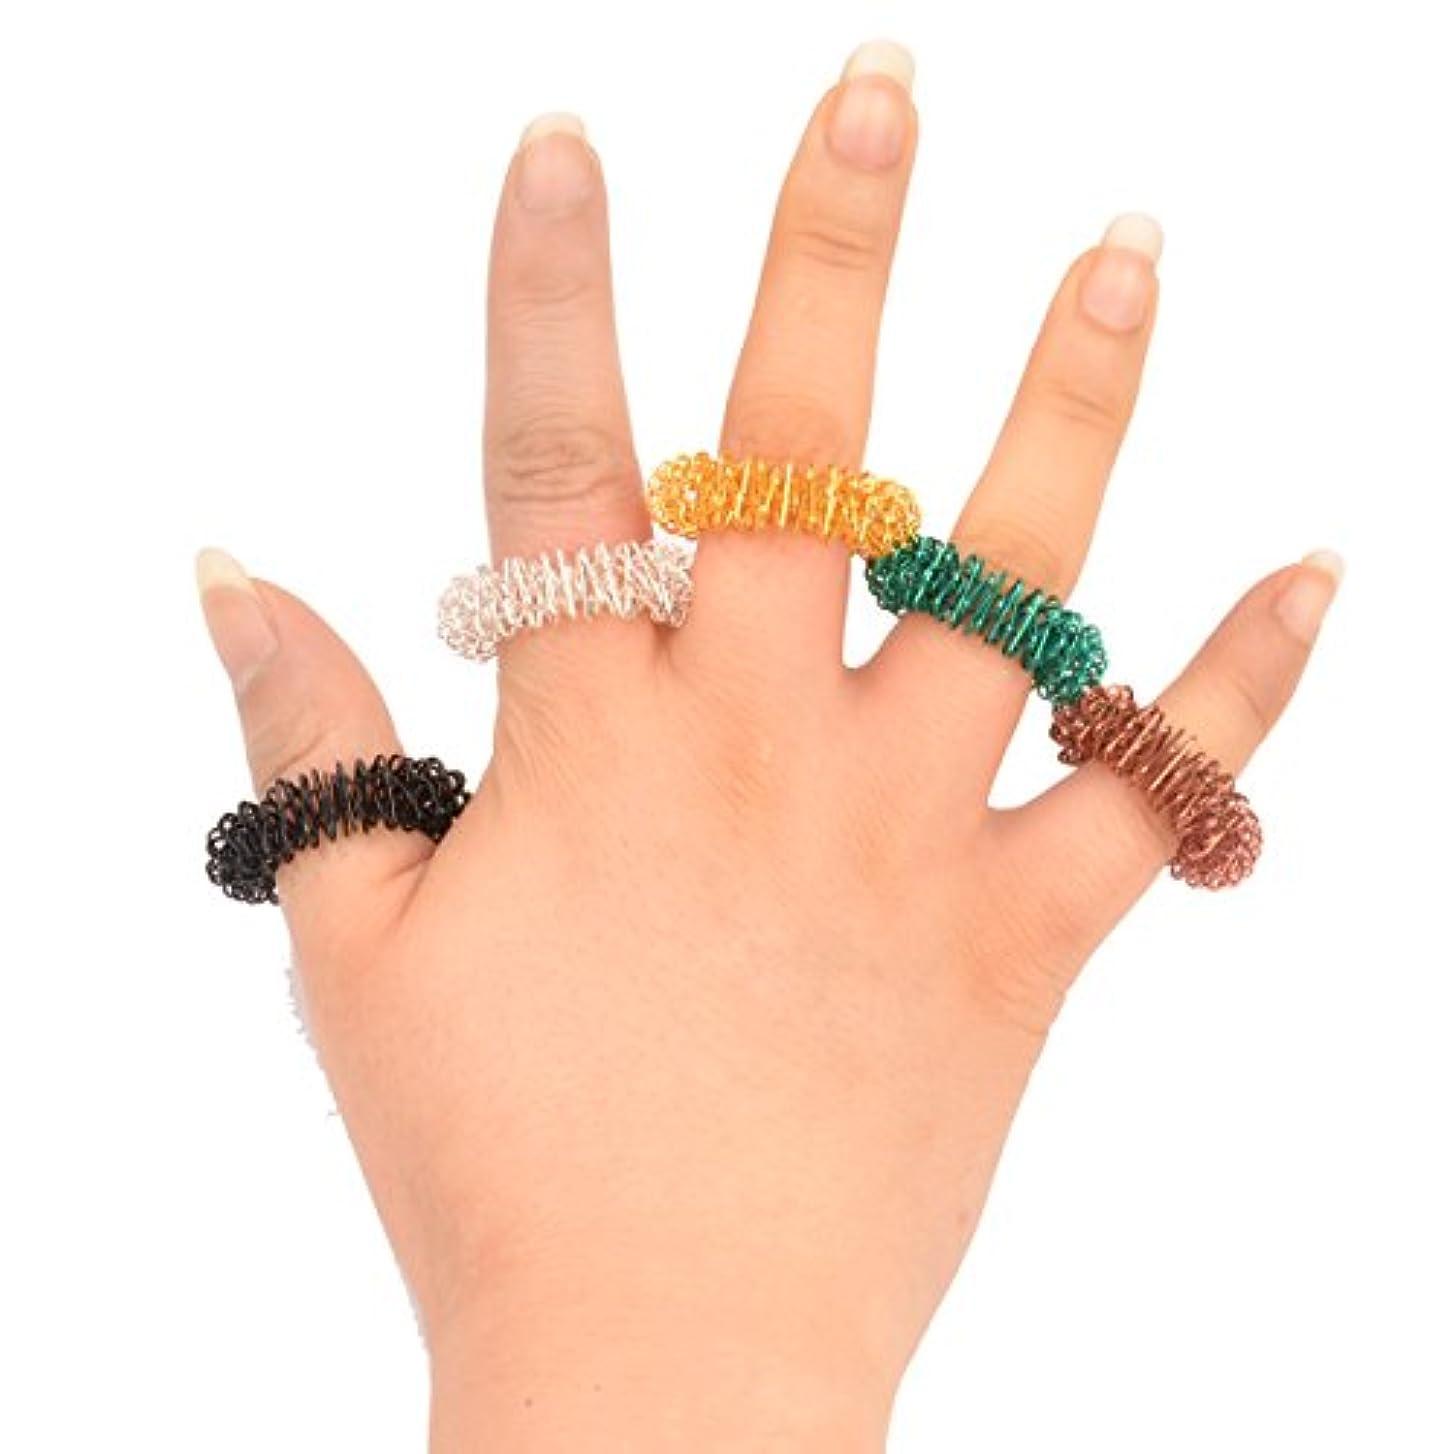 かき混ぜる渇き鍔(Ckeyin) マッサージリング 5個入り 爪もみリング 色はランダムによって配送されます (5個)